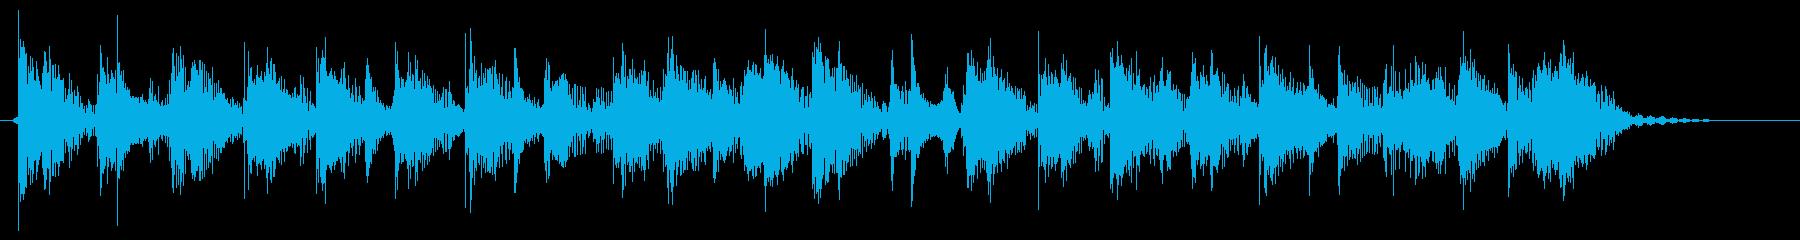 ファンクなジングル チャカポコしたギターの再生済みの波形